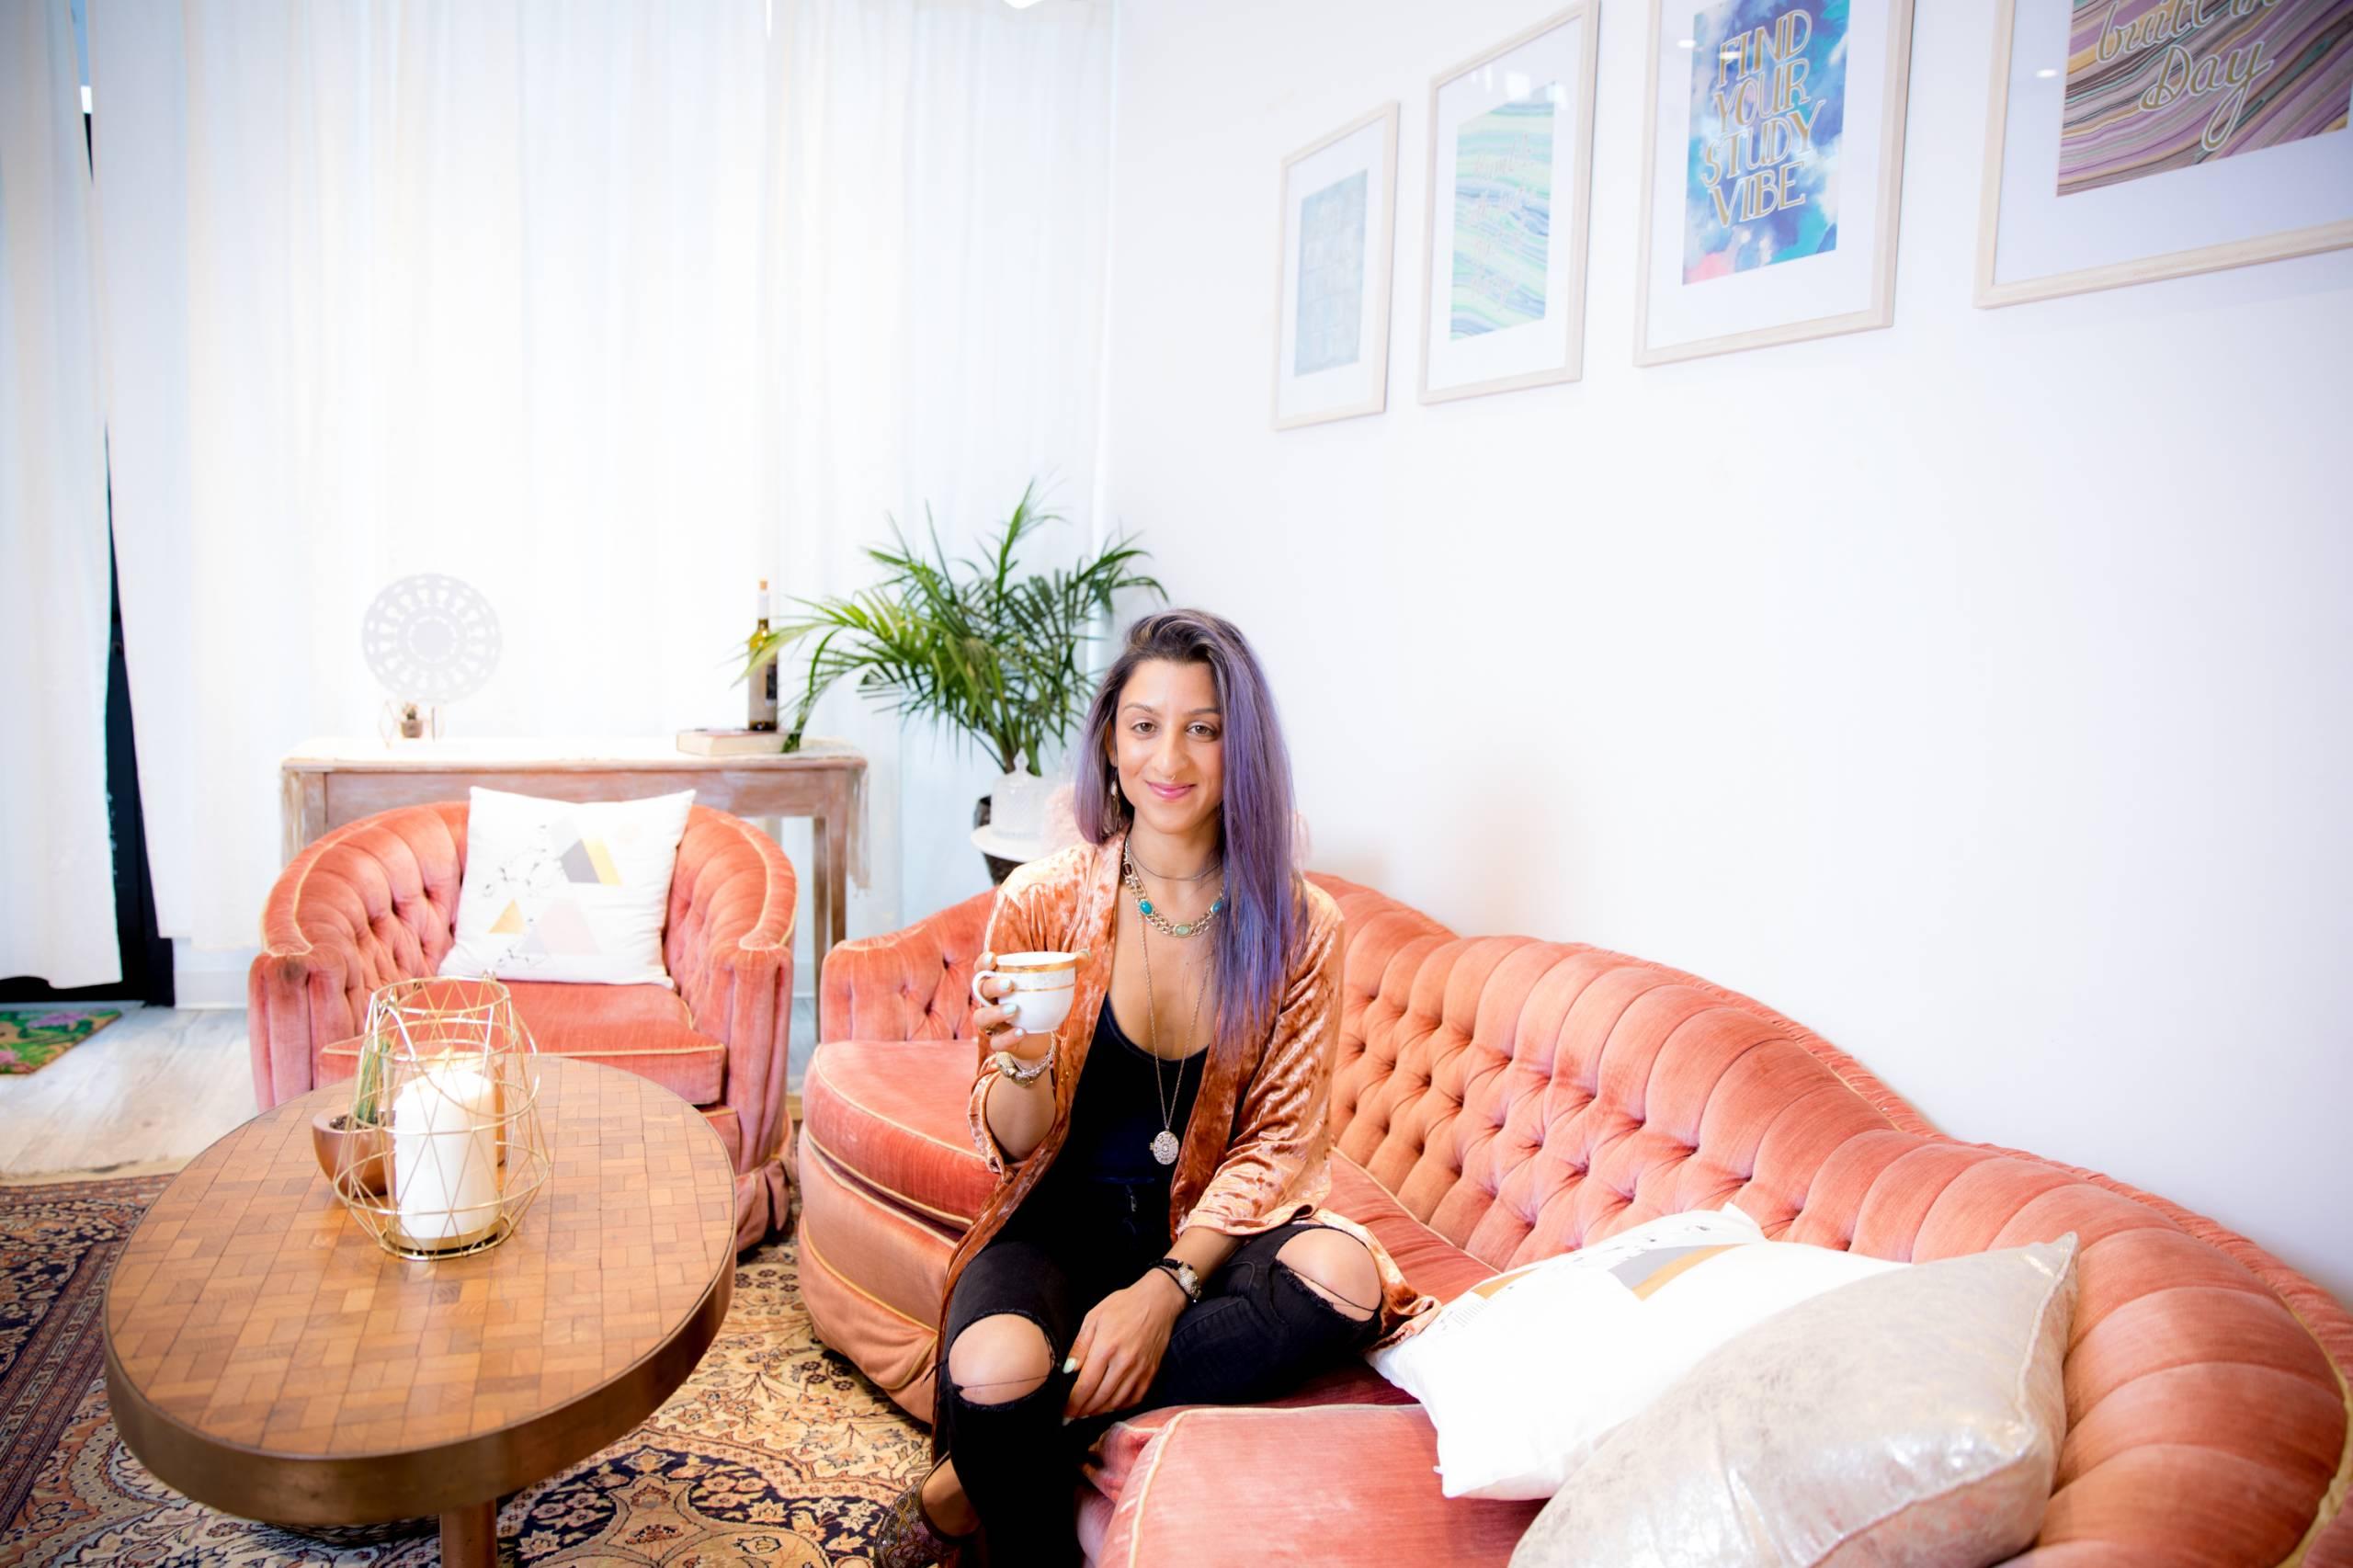 Meet #LeadingLady Vanessa Vakharia: Feminist, Math Guru, Podcast Host, And Indie Rockstar